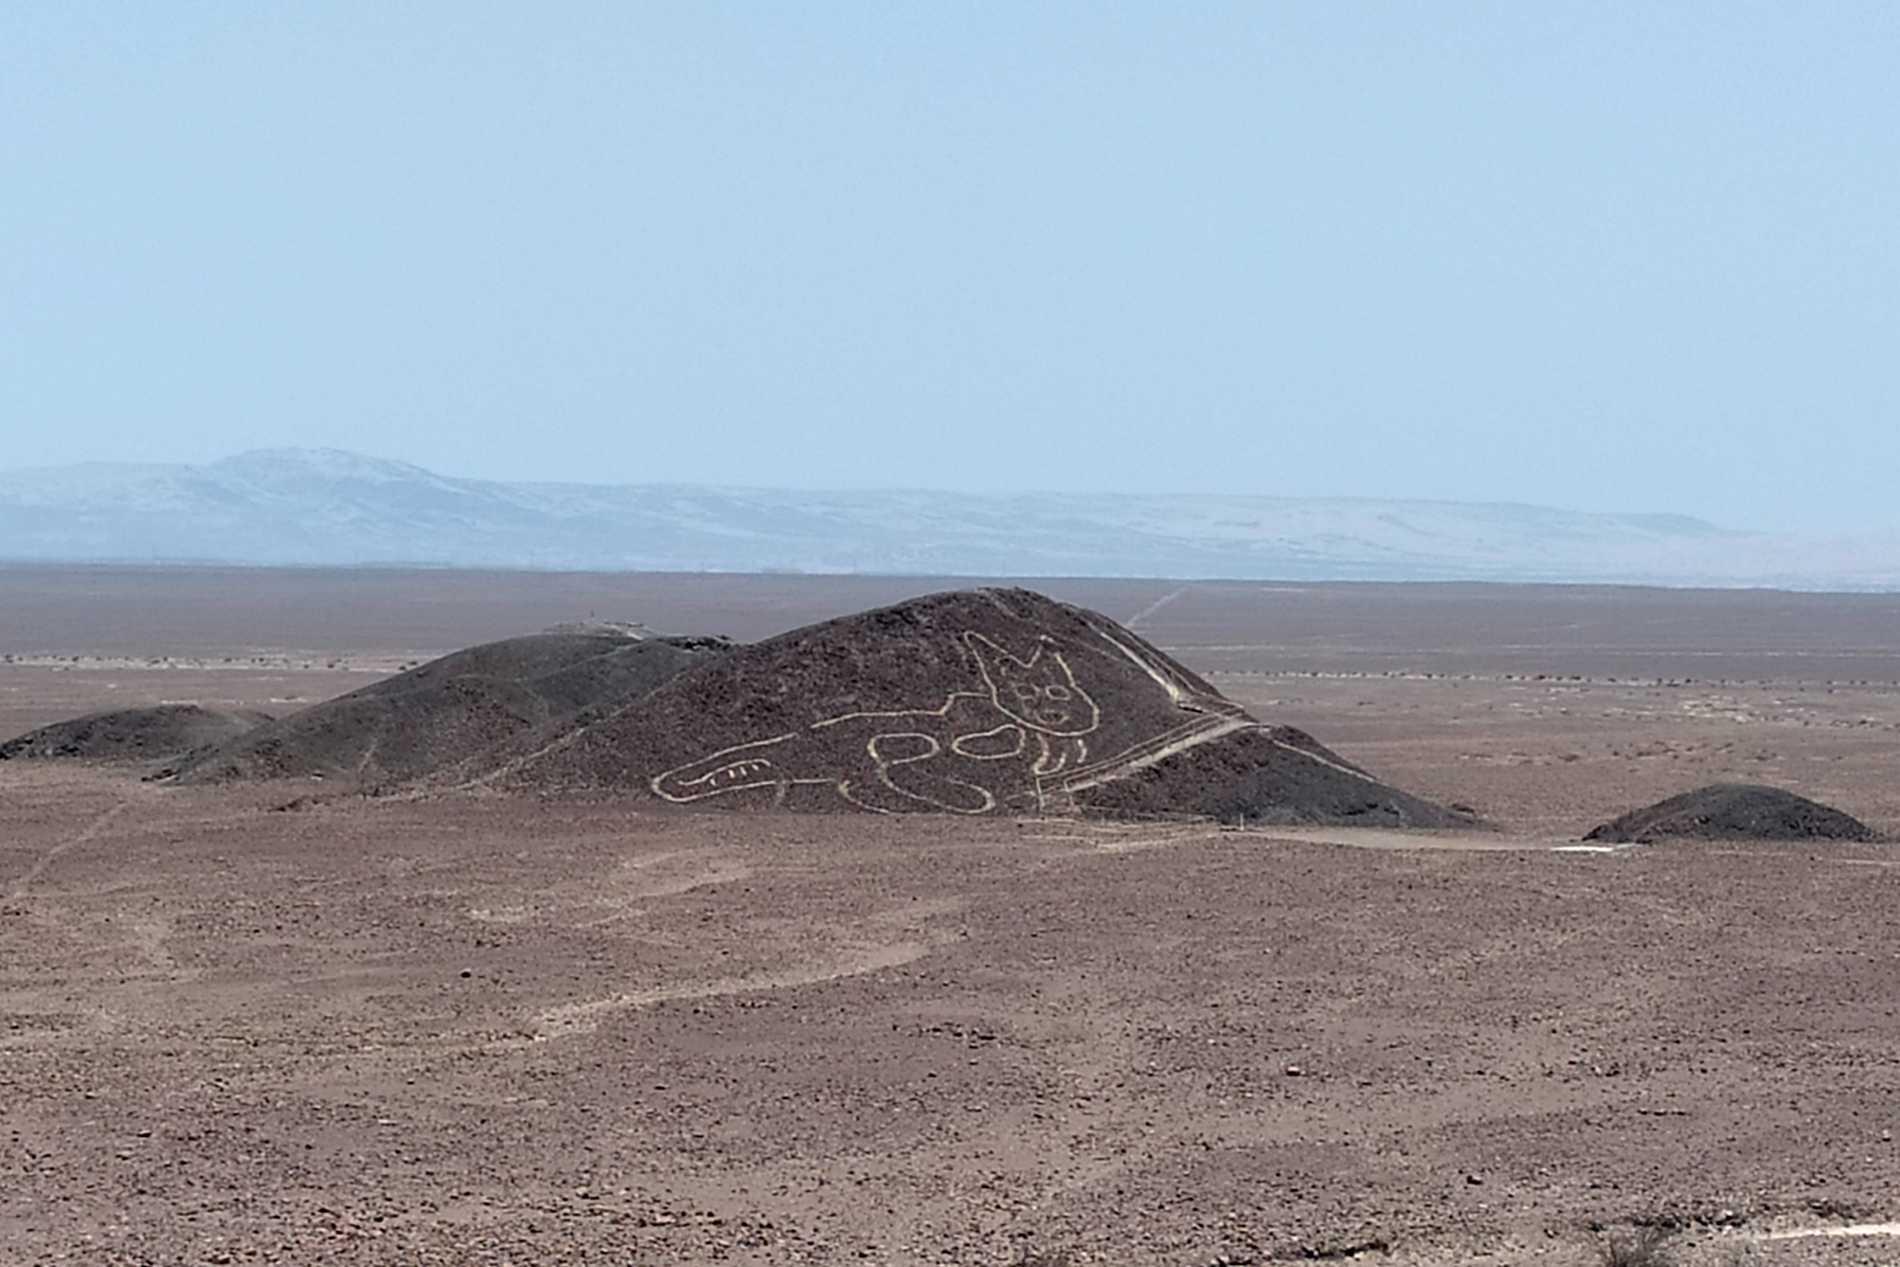 Historiska platsen Nazca i Peru, ett område med gruvfyndigheter. Arkivbild.